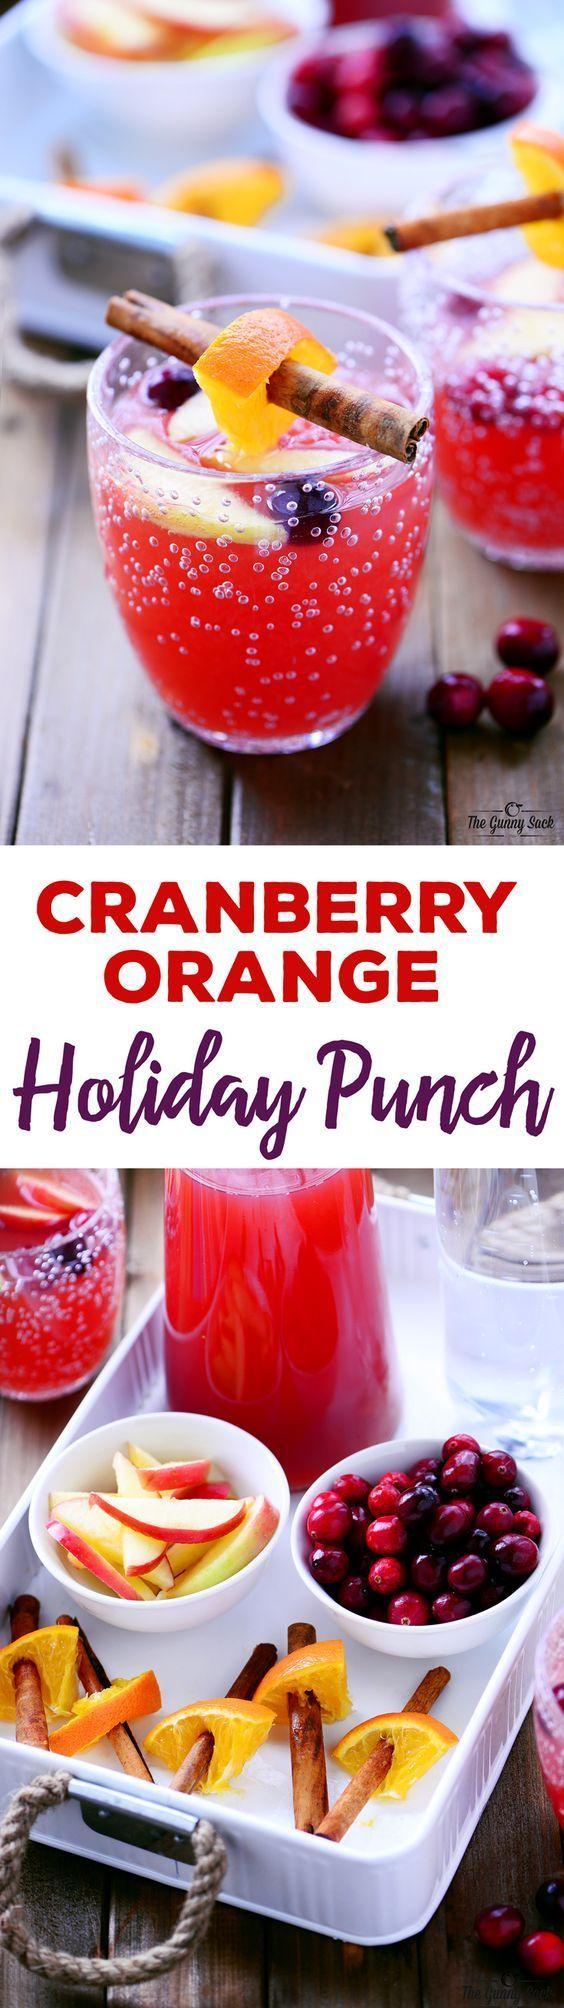 Cranberry Orange Holiday Punch